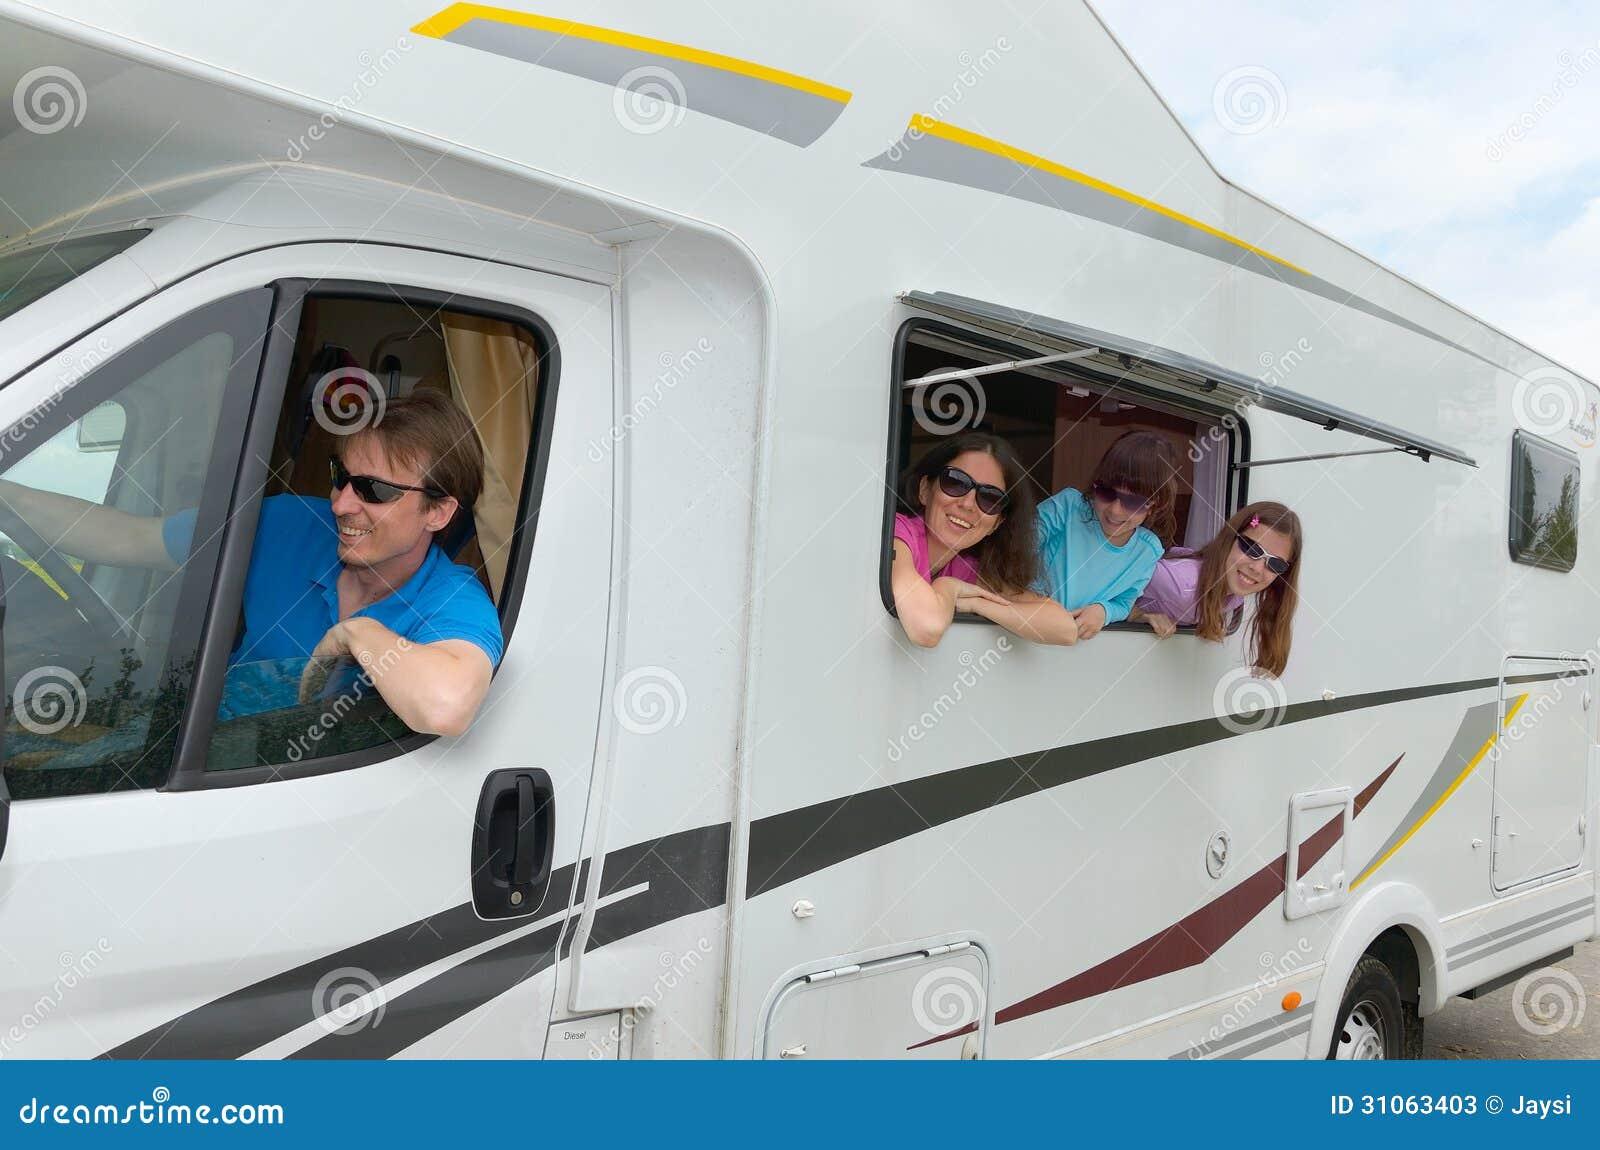 Каникула семьи, перемещение RV (туриста) с детьми